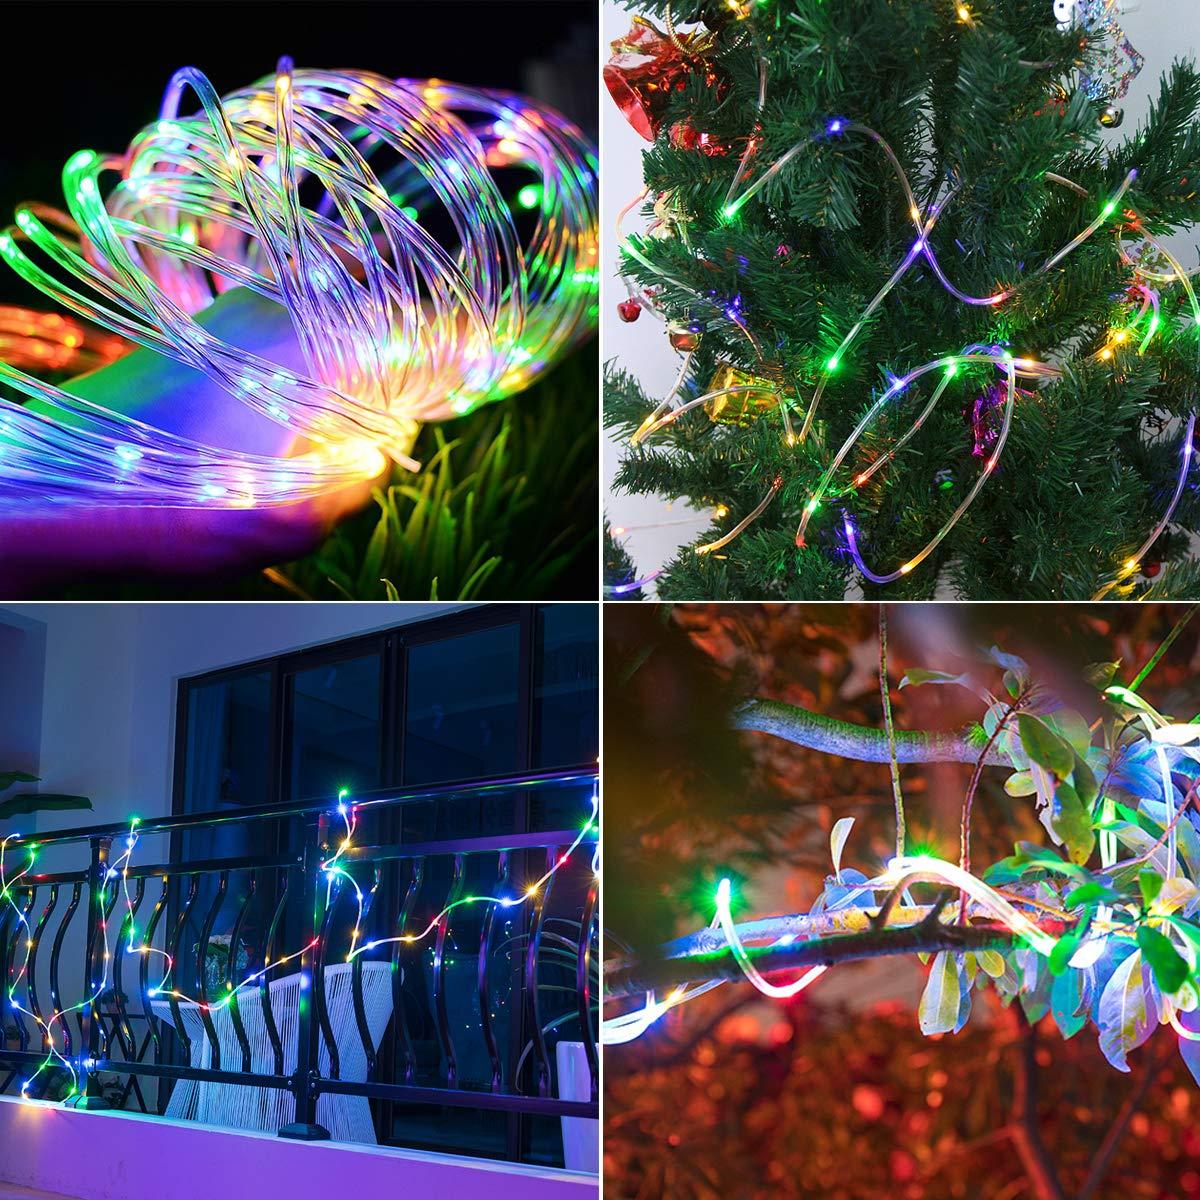 Lichterschlauch, ECOWHO 120er RGB LED Lichterkette 14M Mehrfarbig IP67 8 Modi Batteriebetrieb Fernbedienung